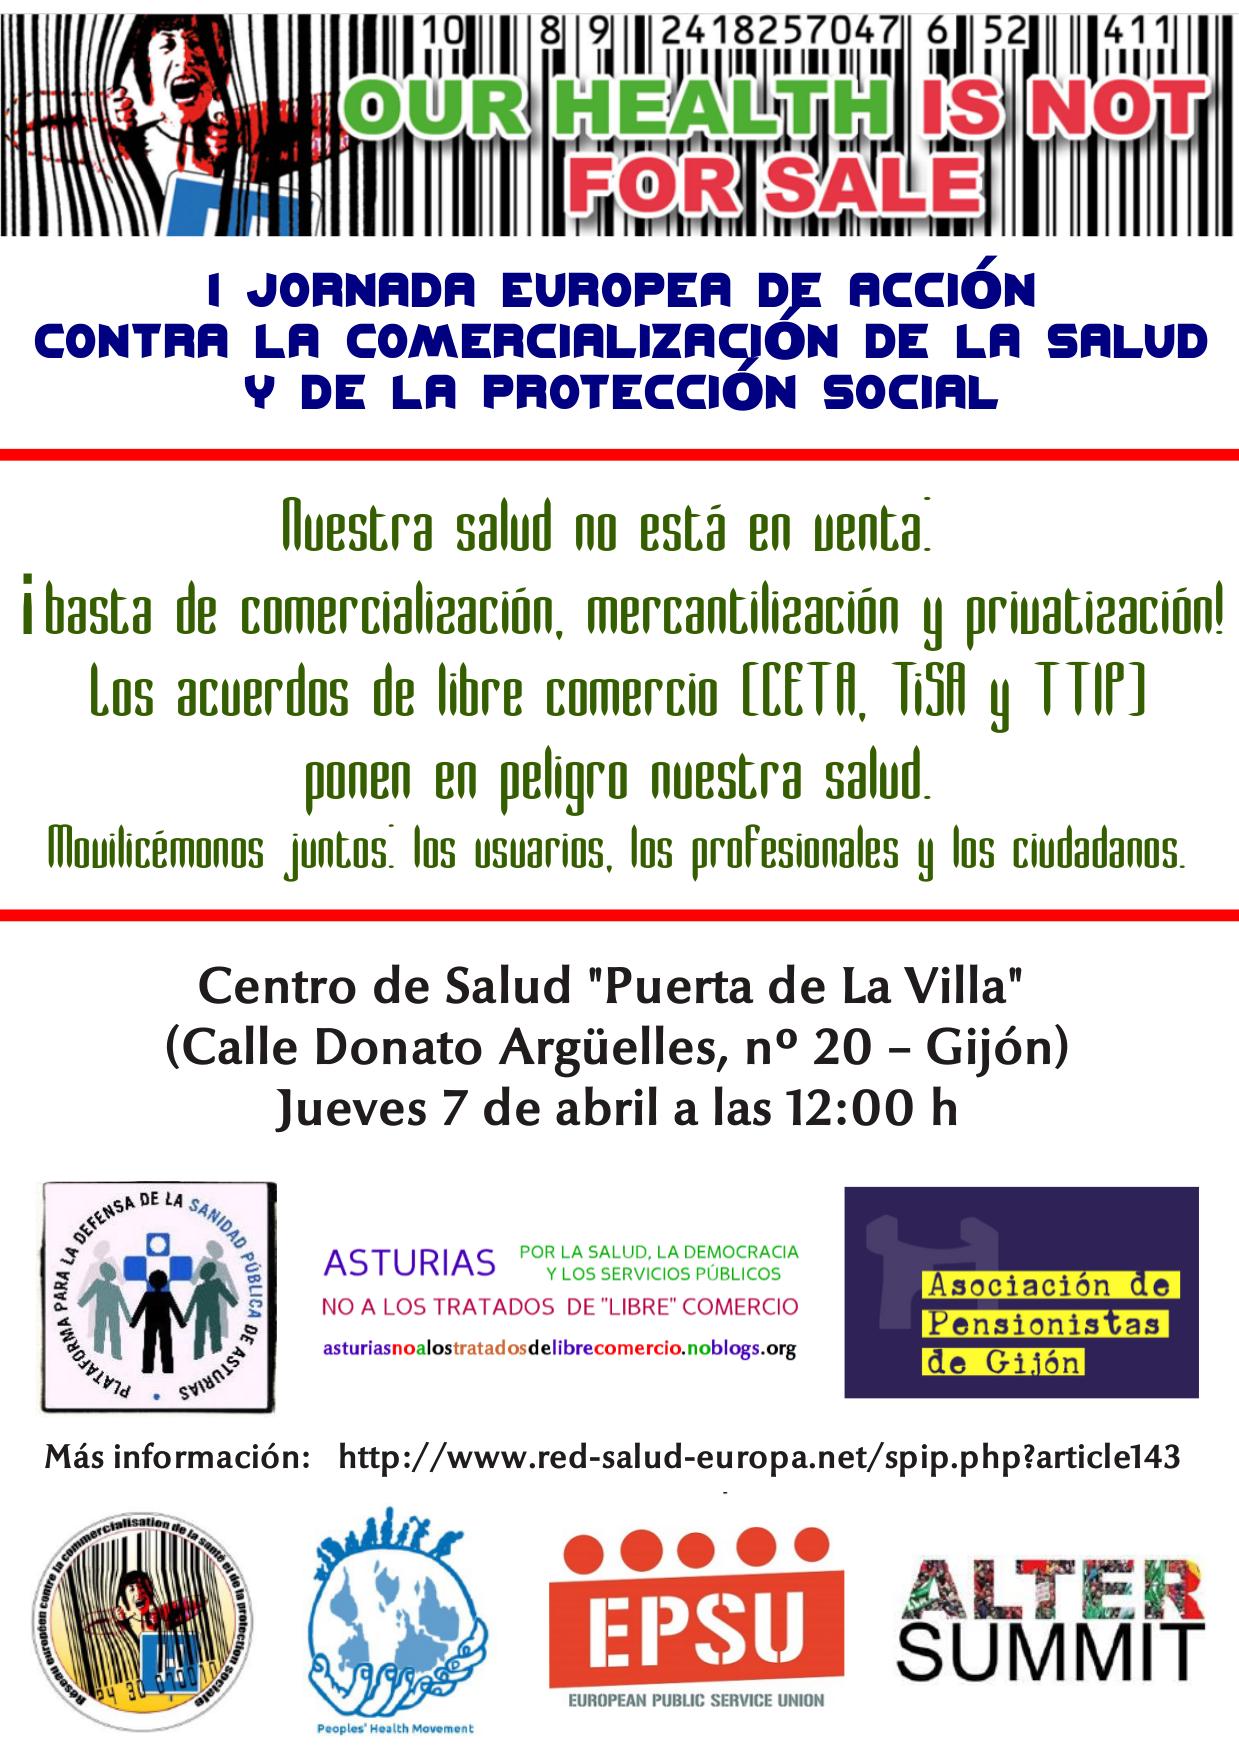 1ª Jornada Europea De Acción Contra La Comercialización De La Salud Y De La Protección Social